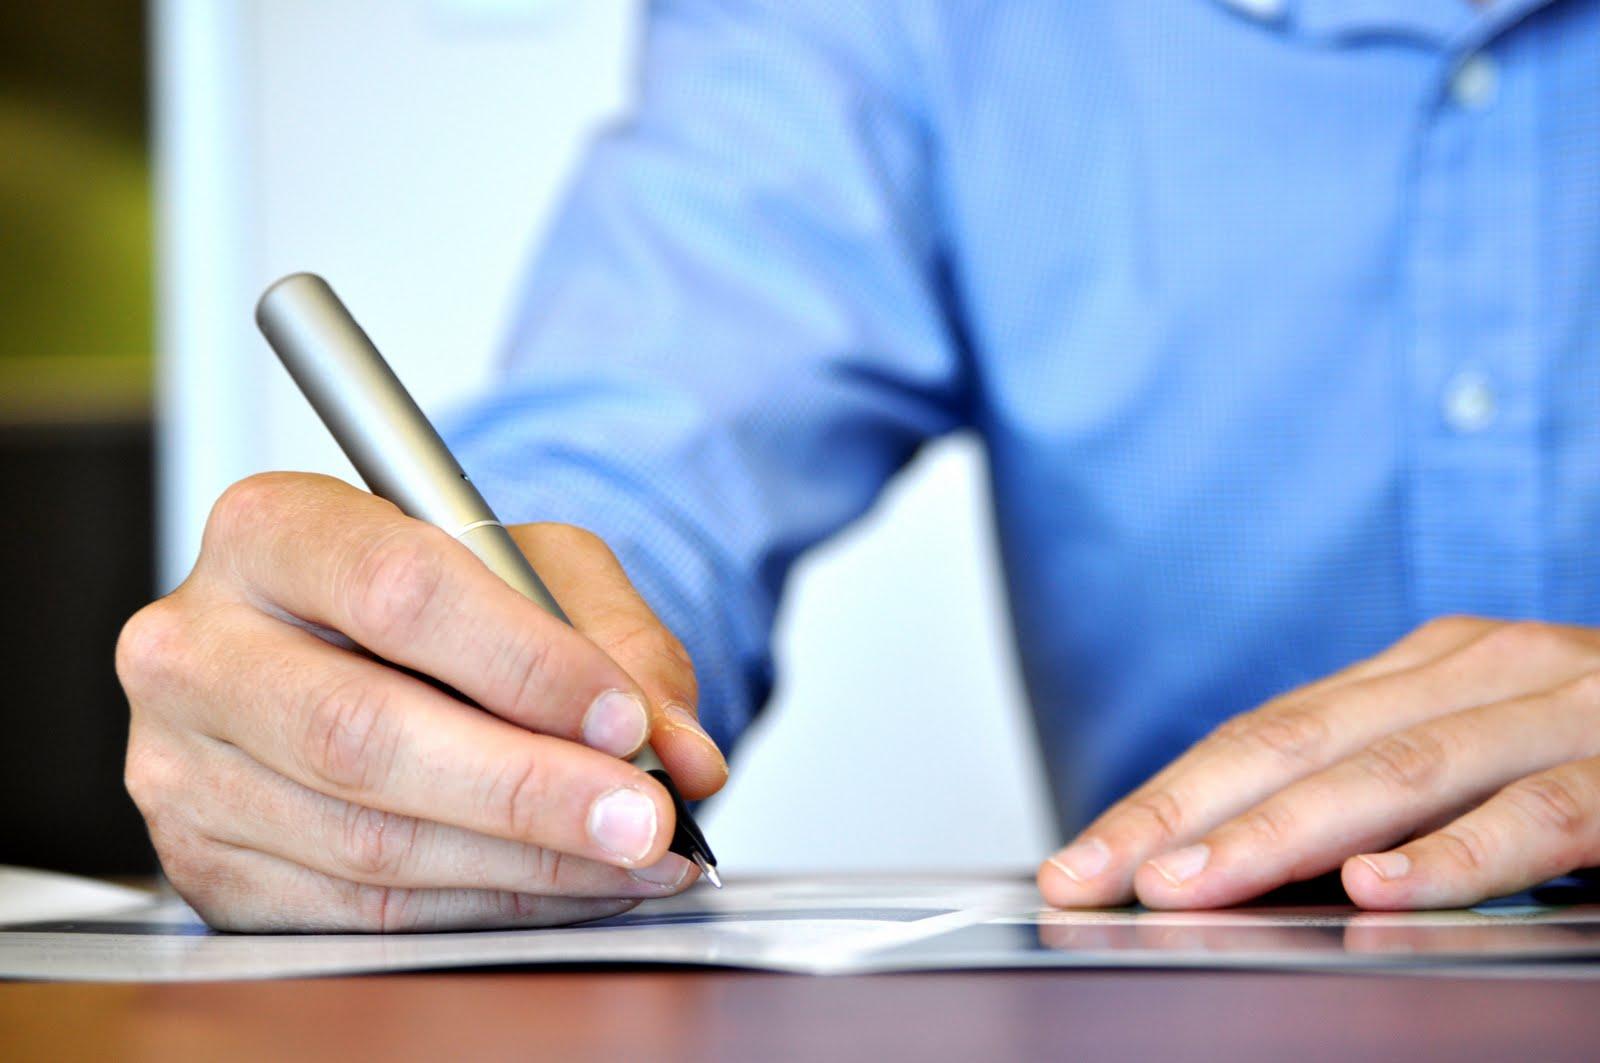 Mão de um homem escrevendo com uma caneta